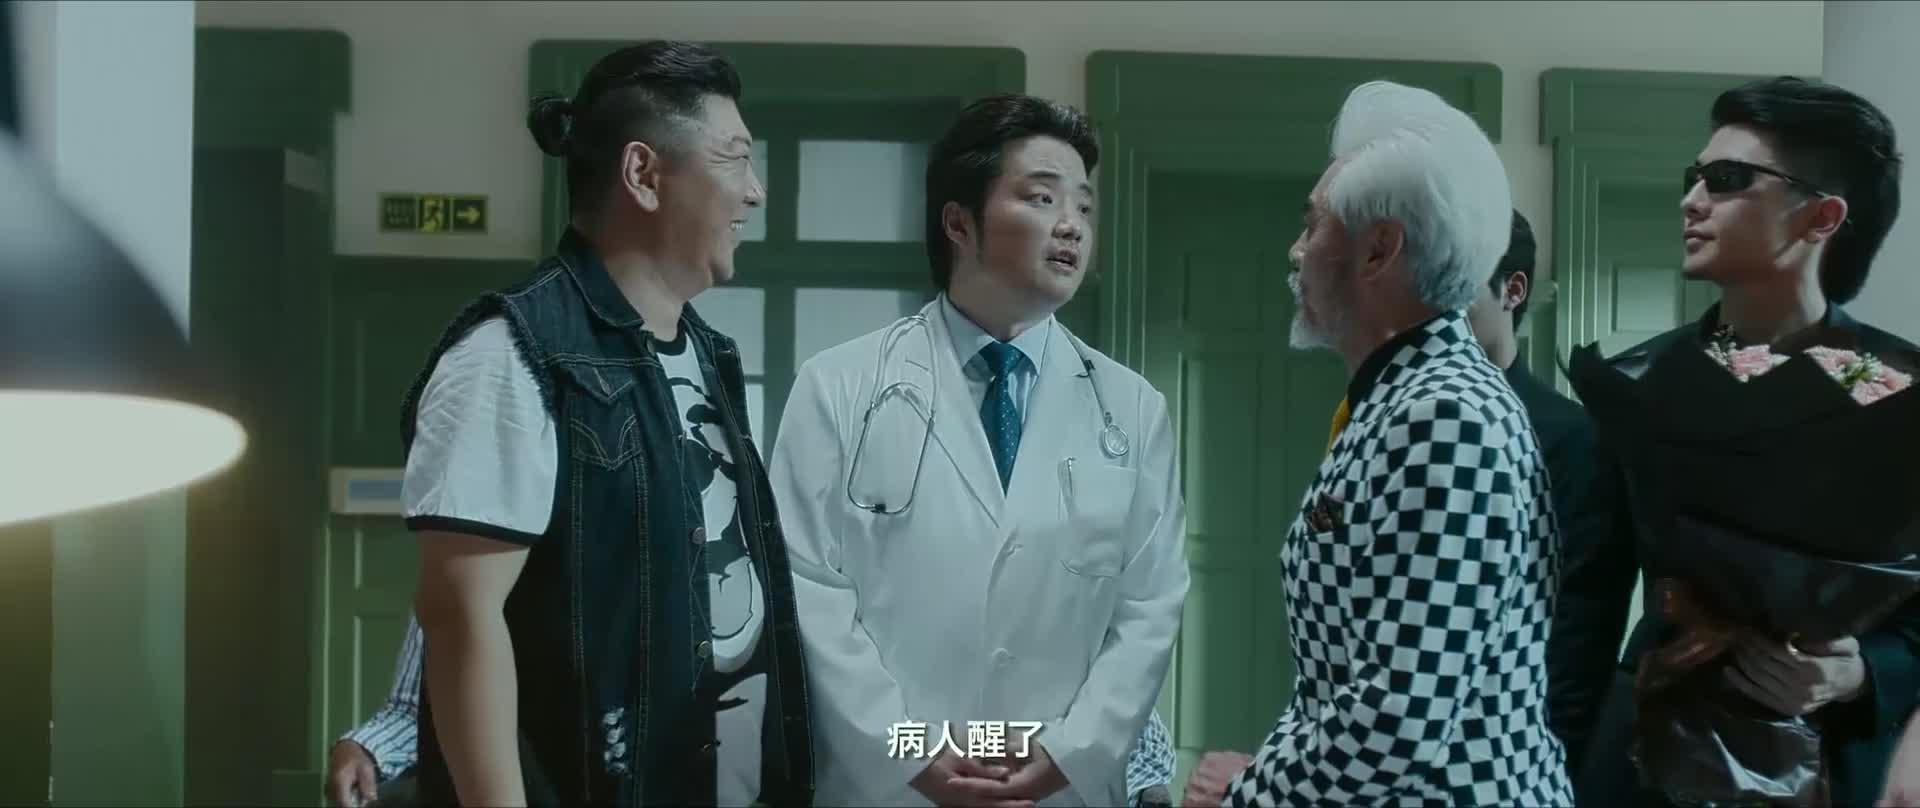 医生给病人提供治疗方法,不料小伙理解错了,这下尴尬了